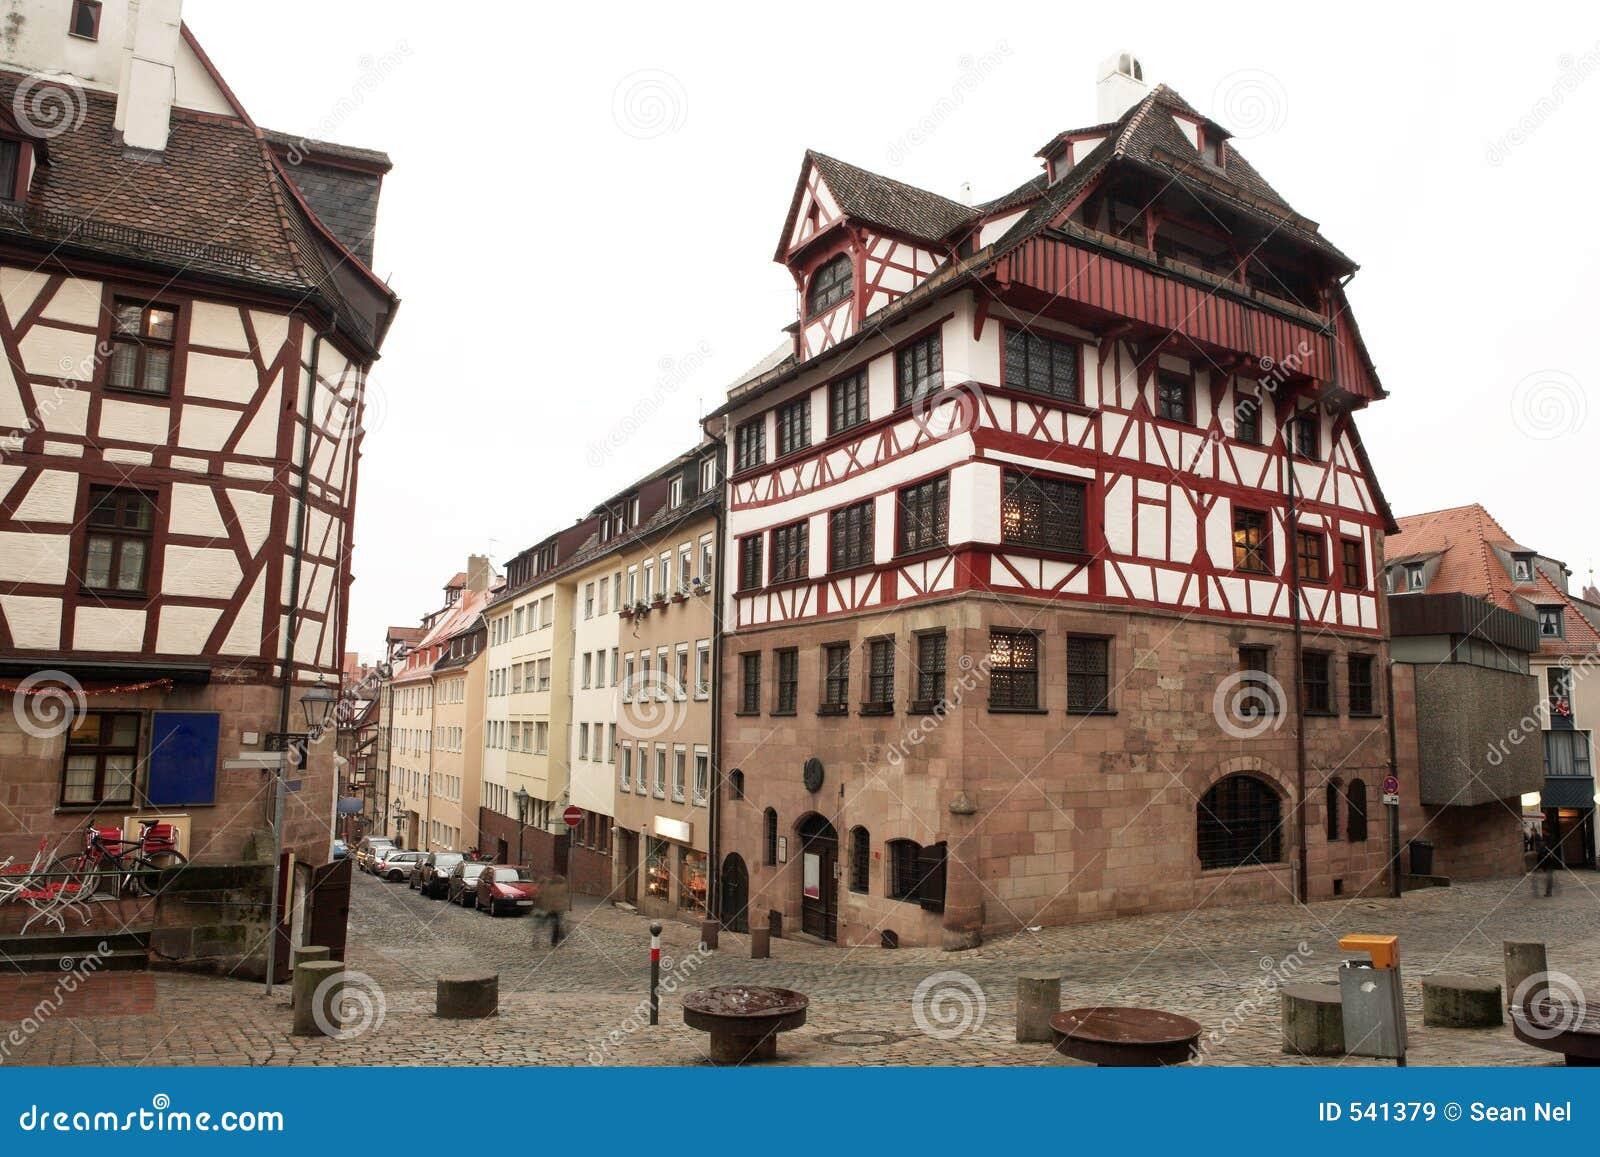 Download 51慕尼黑 库存图片. 图片 包括有 墙壁, 椅子, 街道, 绿色, browne, 国家(地区), 不列塔尼的 - 541379